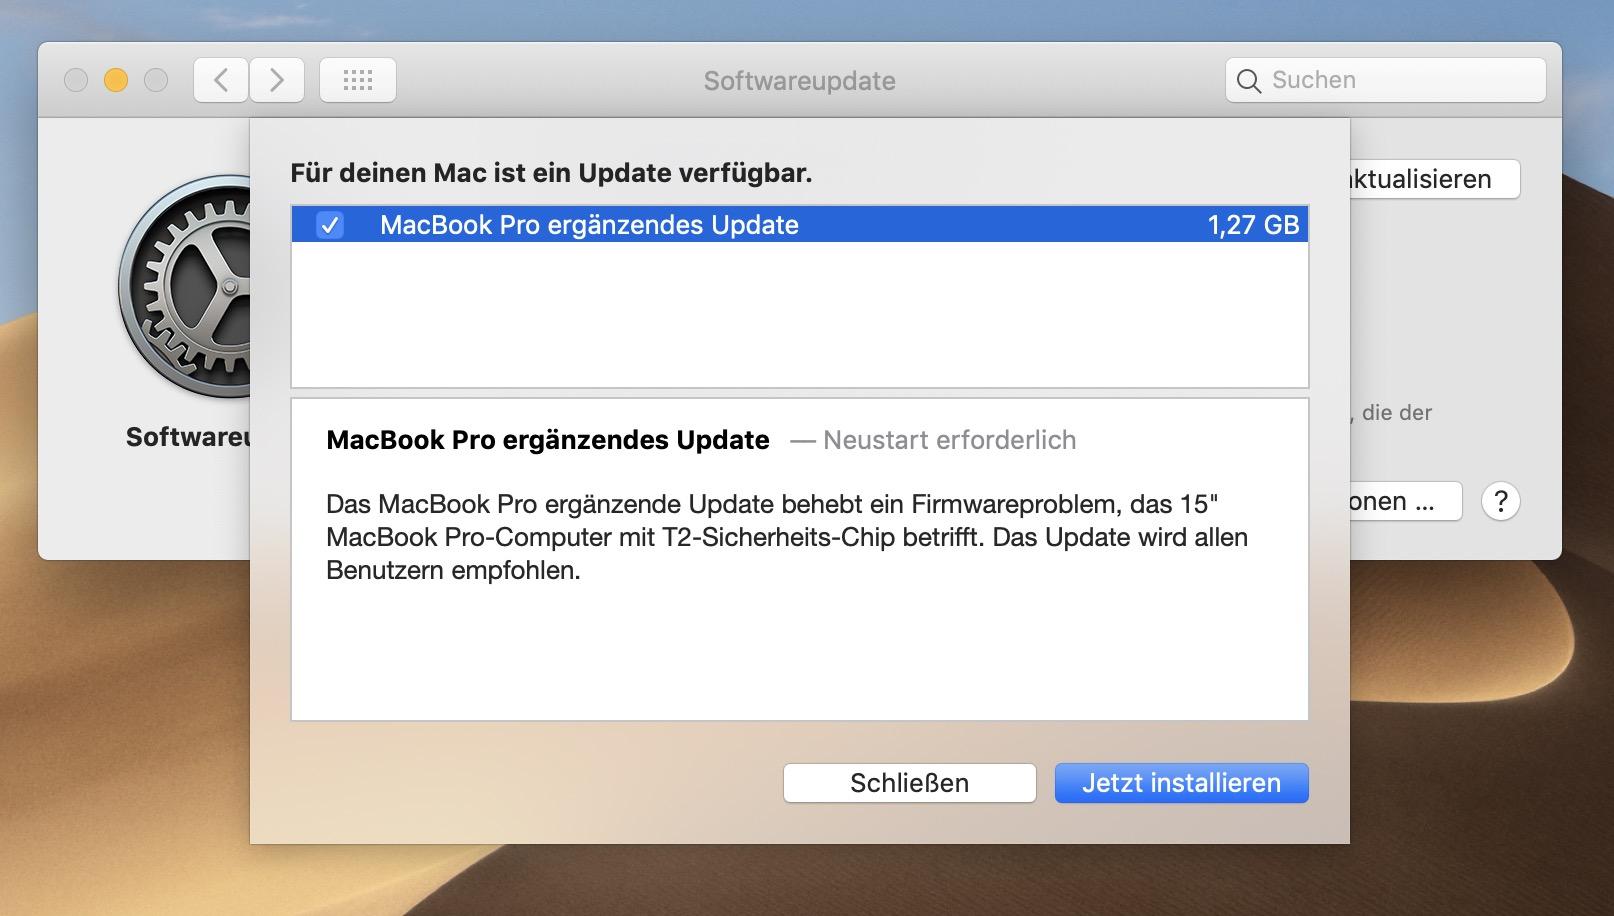 Apple macOS Mojave 10.14.5: Ergänzendes Update für MacBook Pro 2018 und 2019